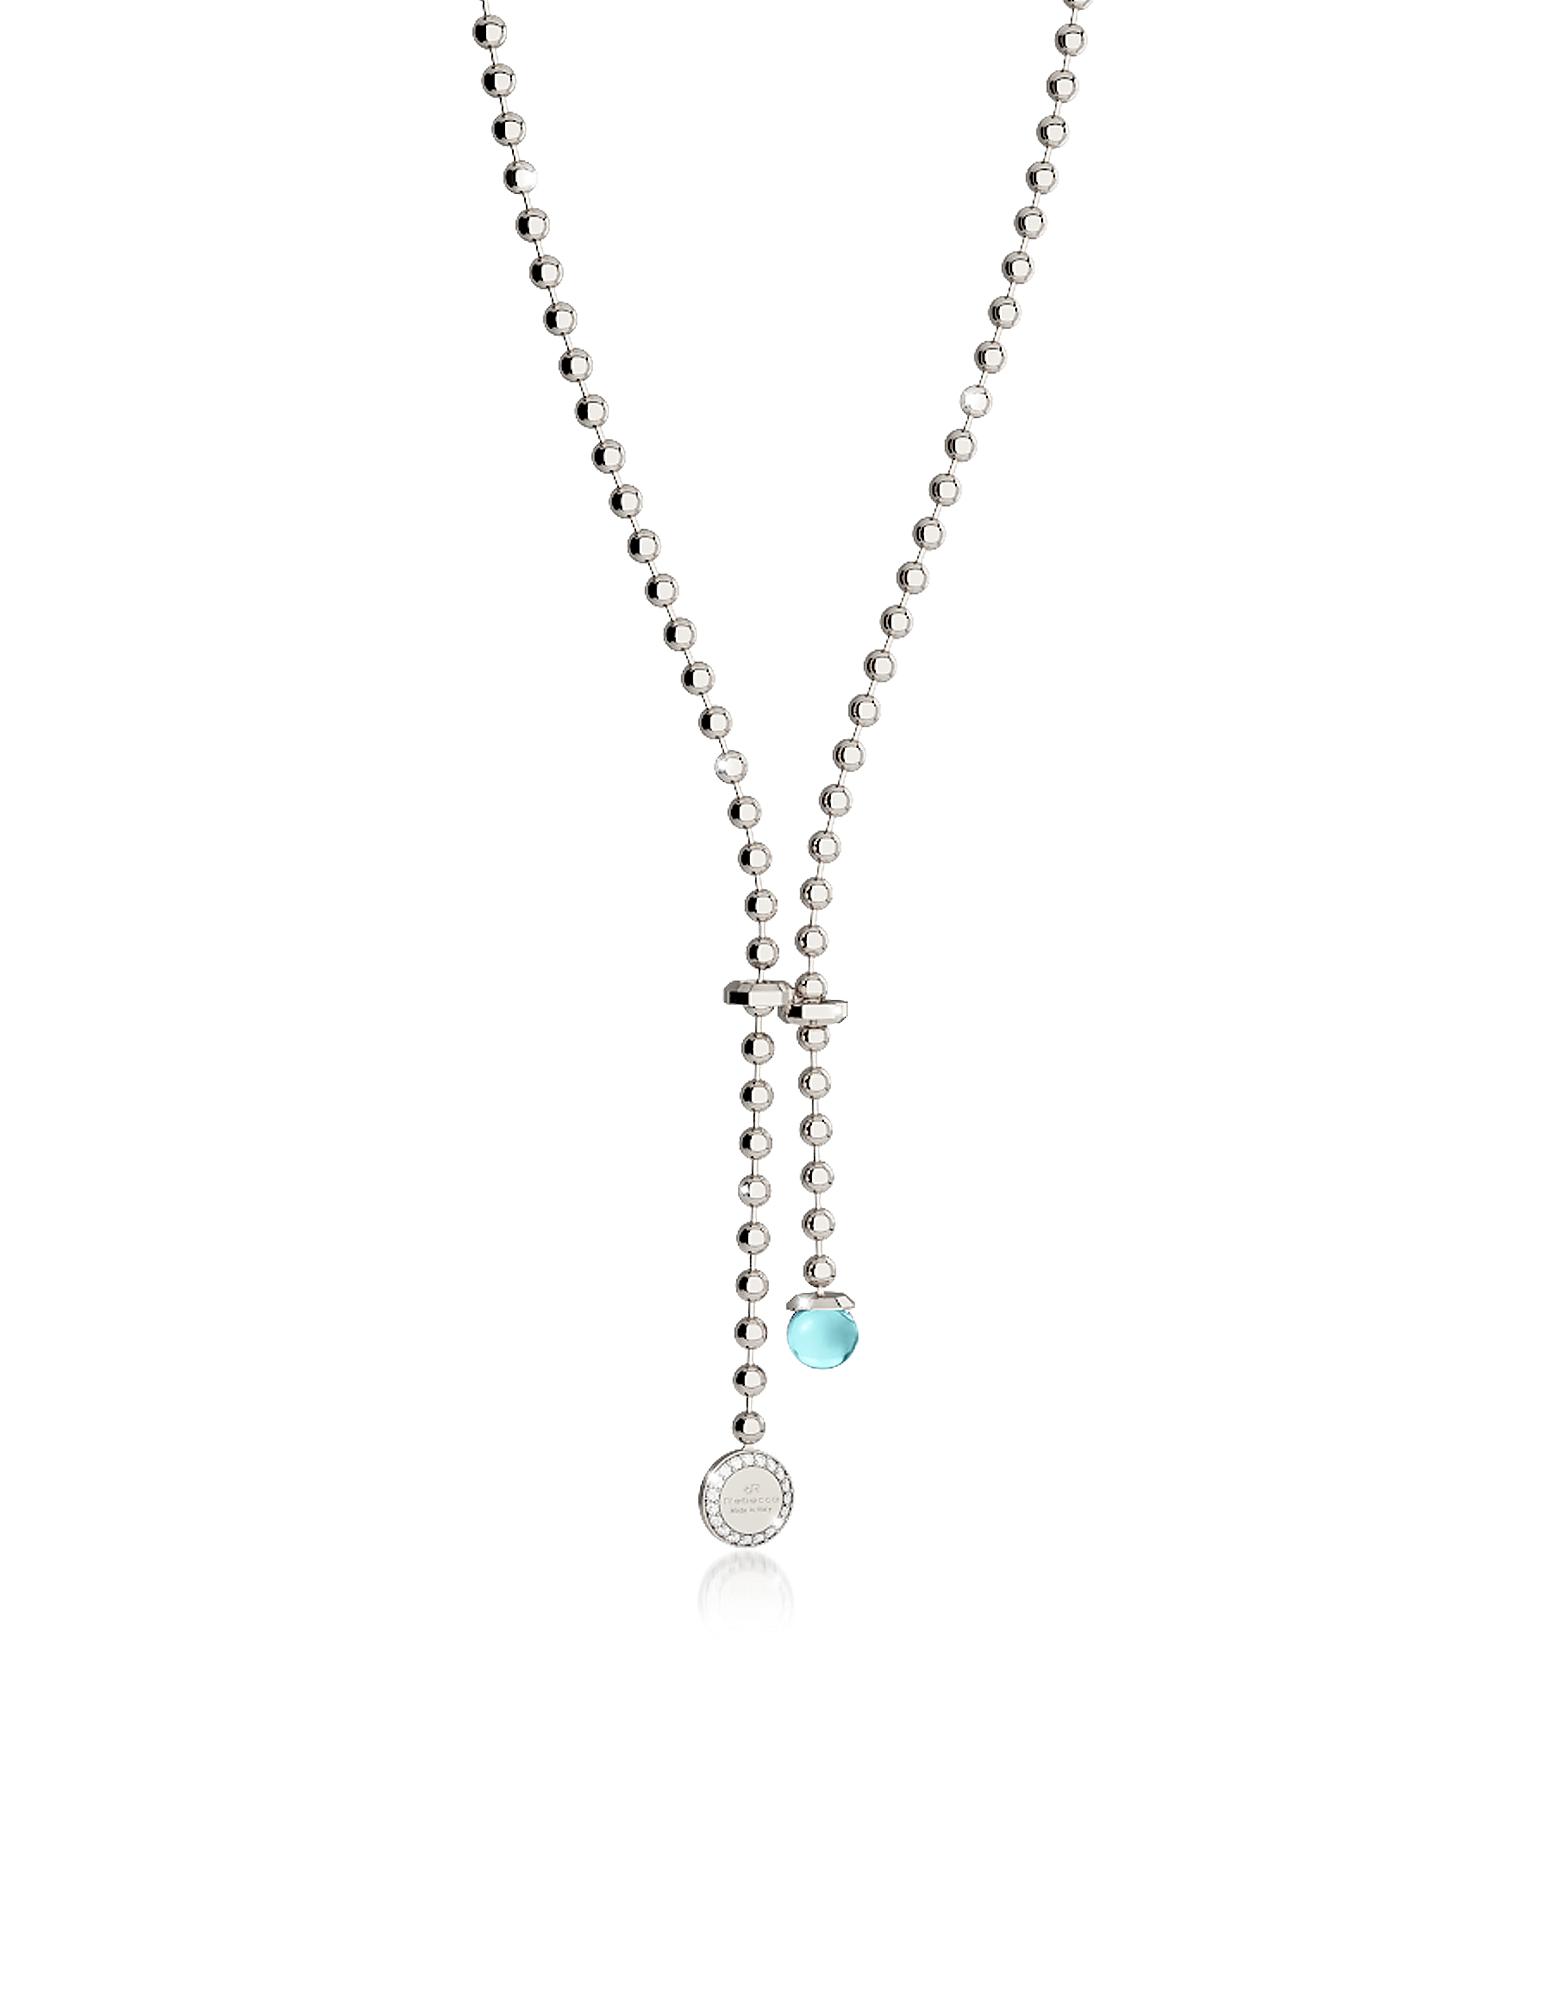 Boulevard Stone - Ожерелье из Бронзы с Родиевым Покрытием, Чармом Подвеской и Бирюзовым Гидротермальным Камнем